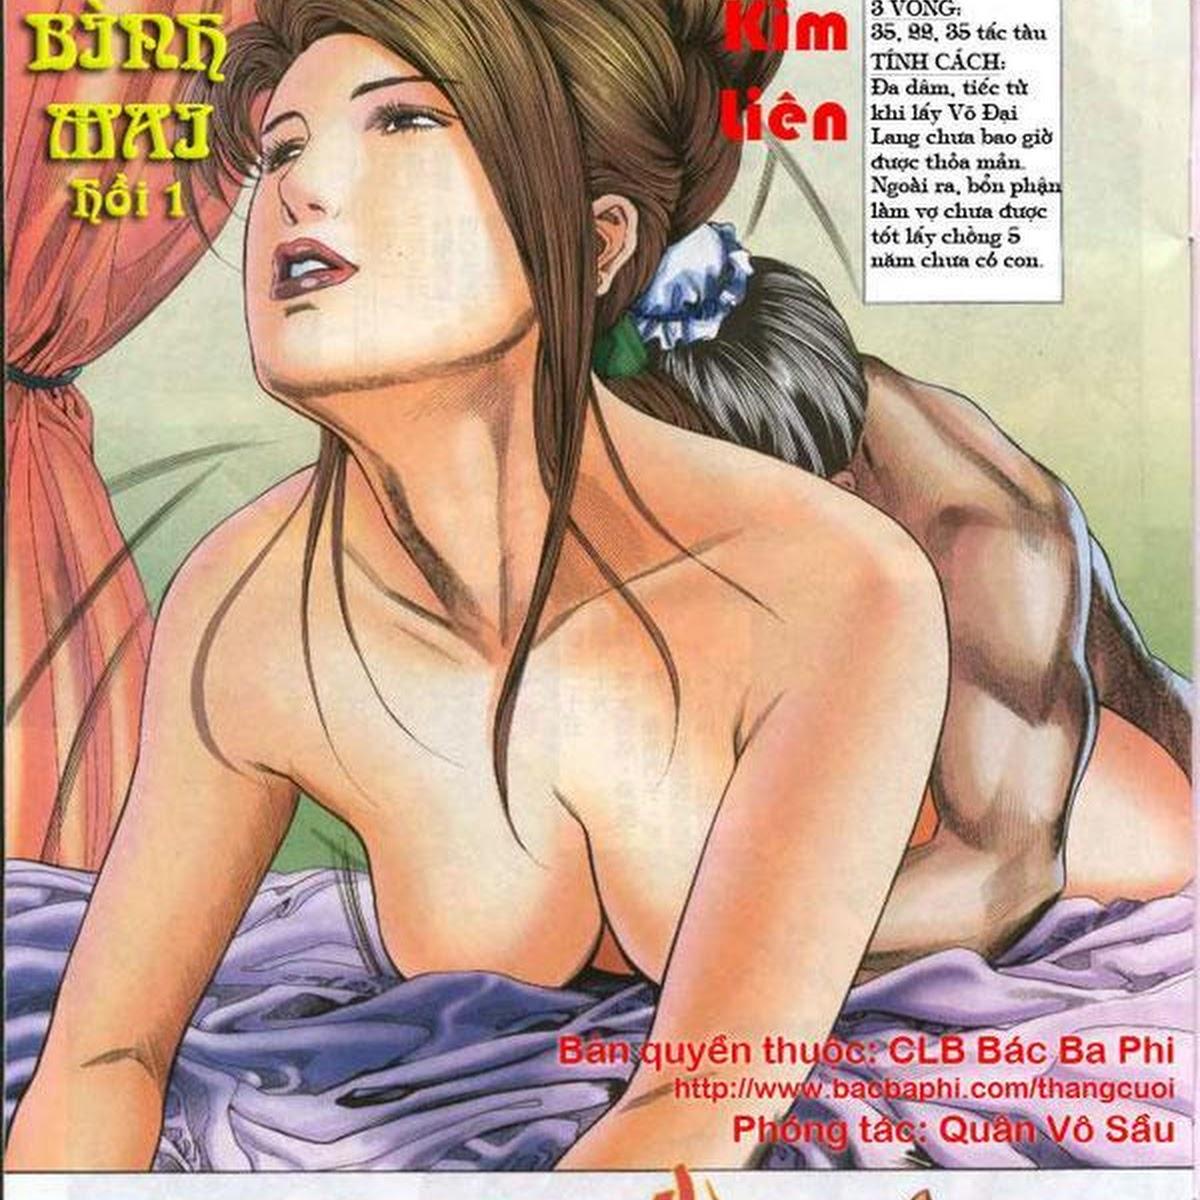 Kim Bình Mai – Siêu phẩm hentai